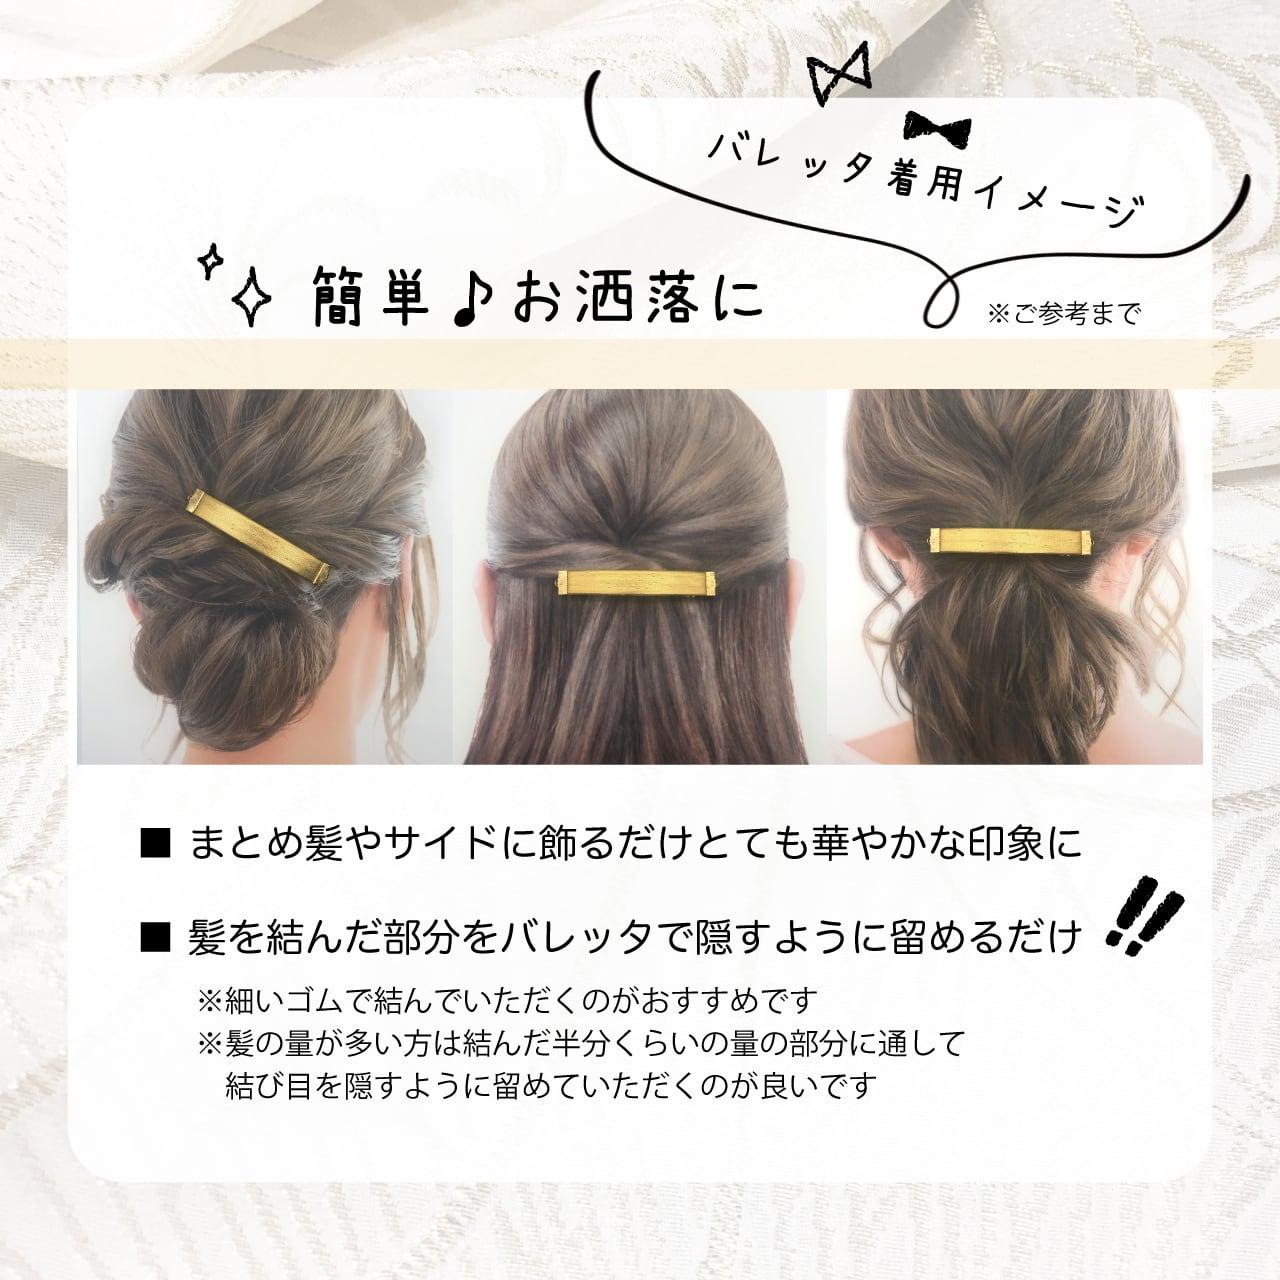 【西陣織バレッタ】高級生地を使用!着物(浴衣/和装/和風)に似合う髪飾り♪もちろん、普段使いも◎着けるだけで簡単!お洒落に